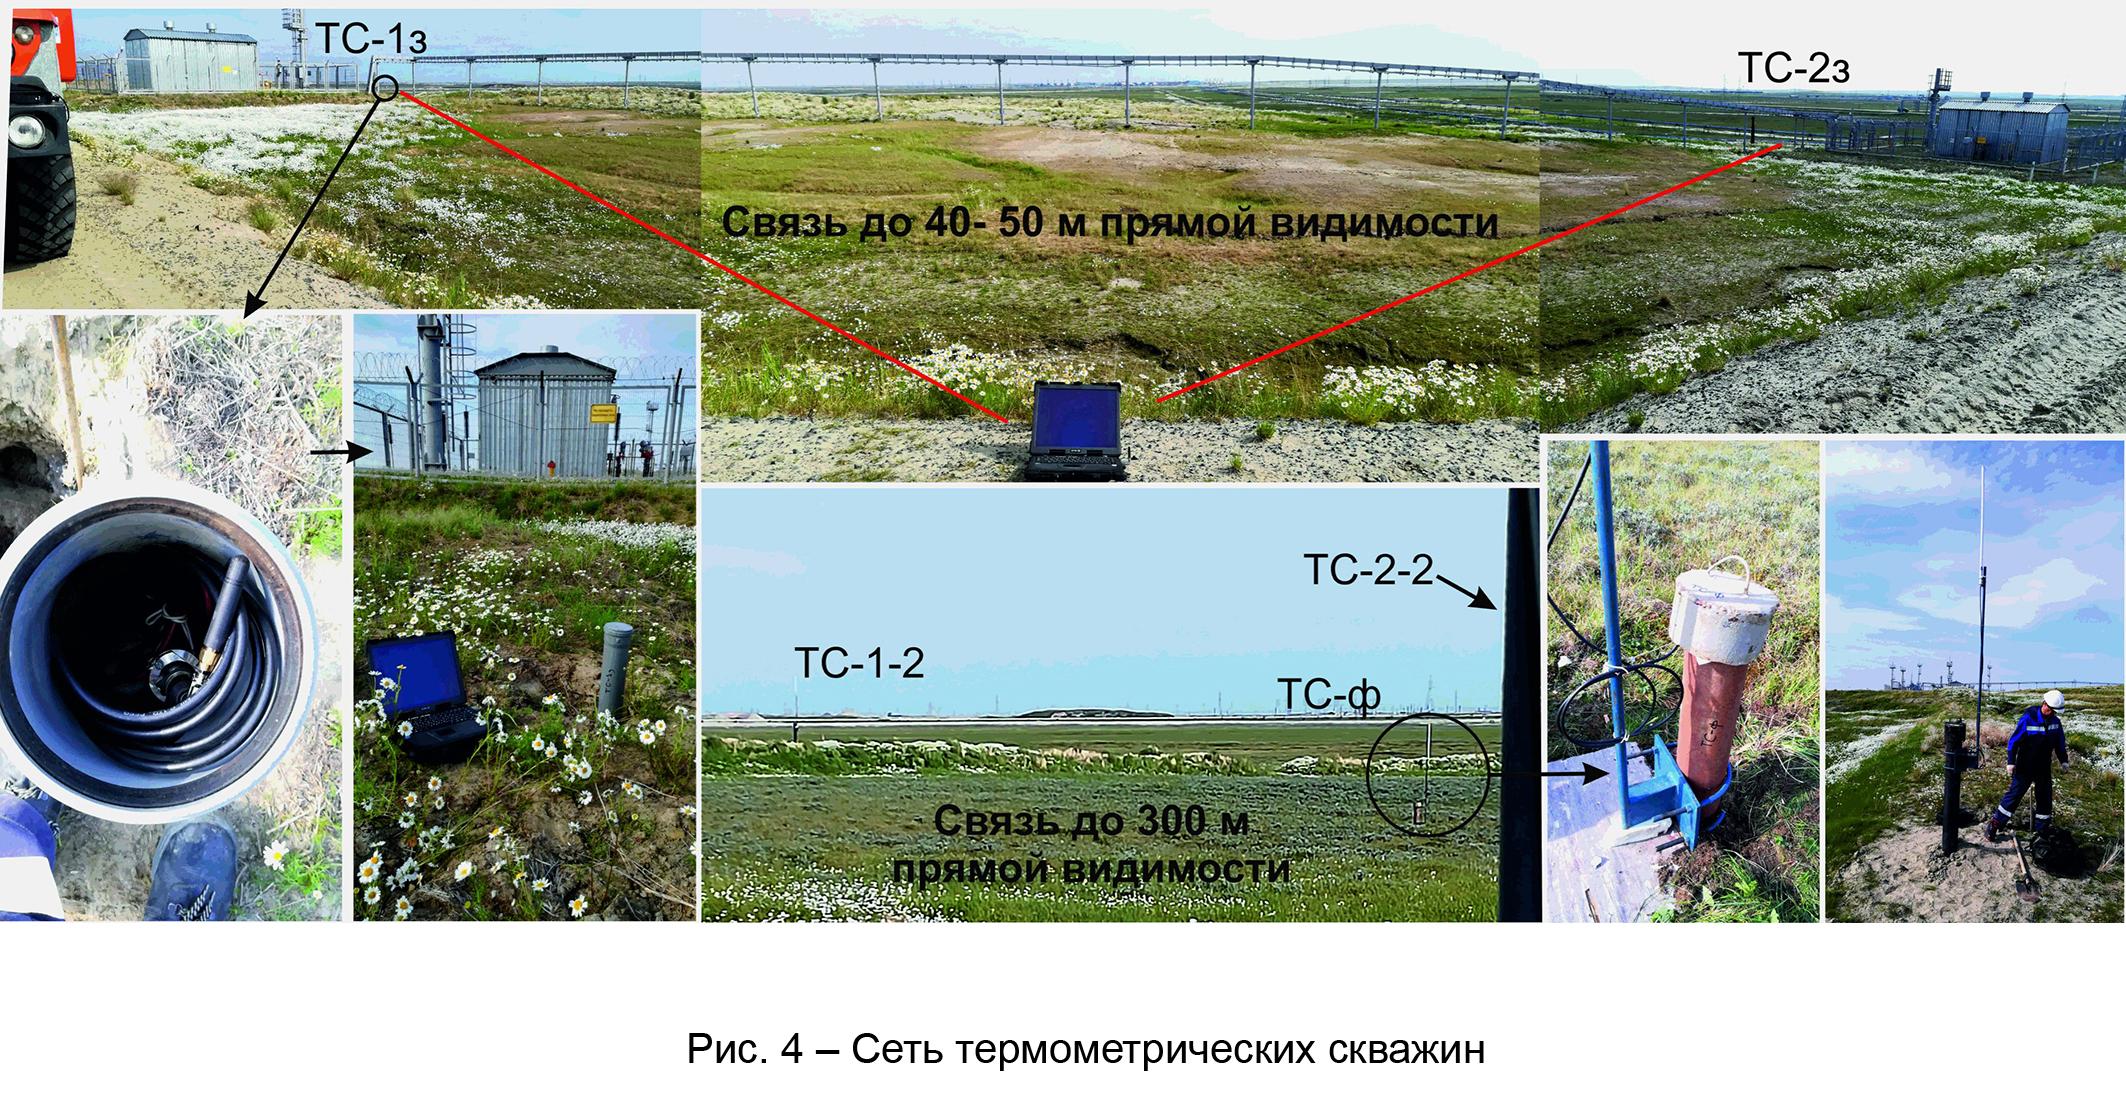 Опыт применения систем мониторинга температуры и тепловых потоков вечномерзлых грунтов